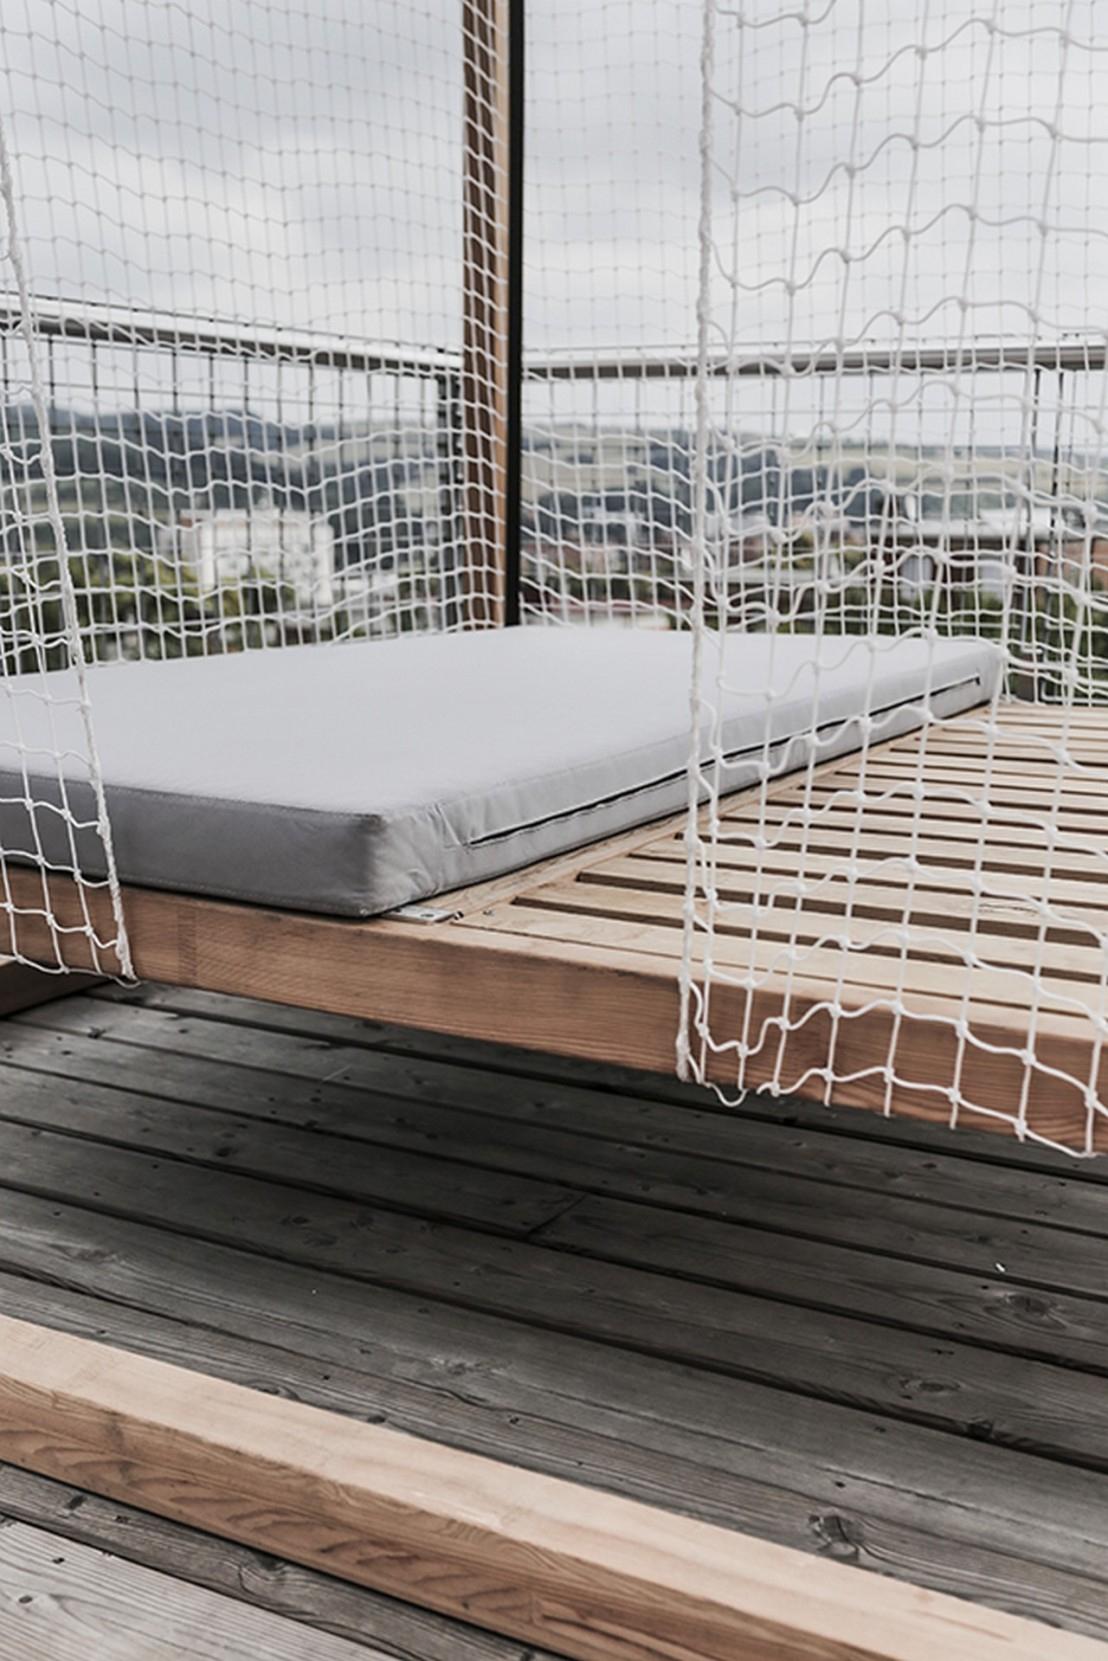 Lit De Jardin Hamac Suspendu En Cage Leva : Mobilier De ... destiné Lit Suspendu Jardin